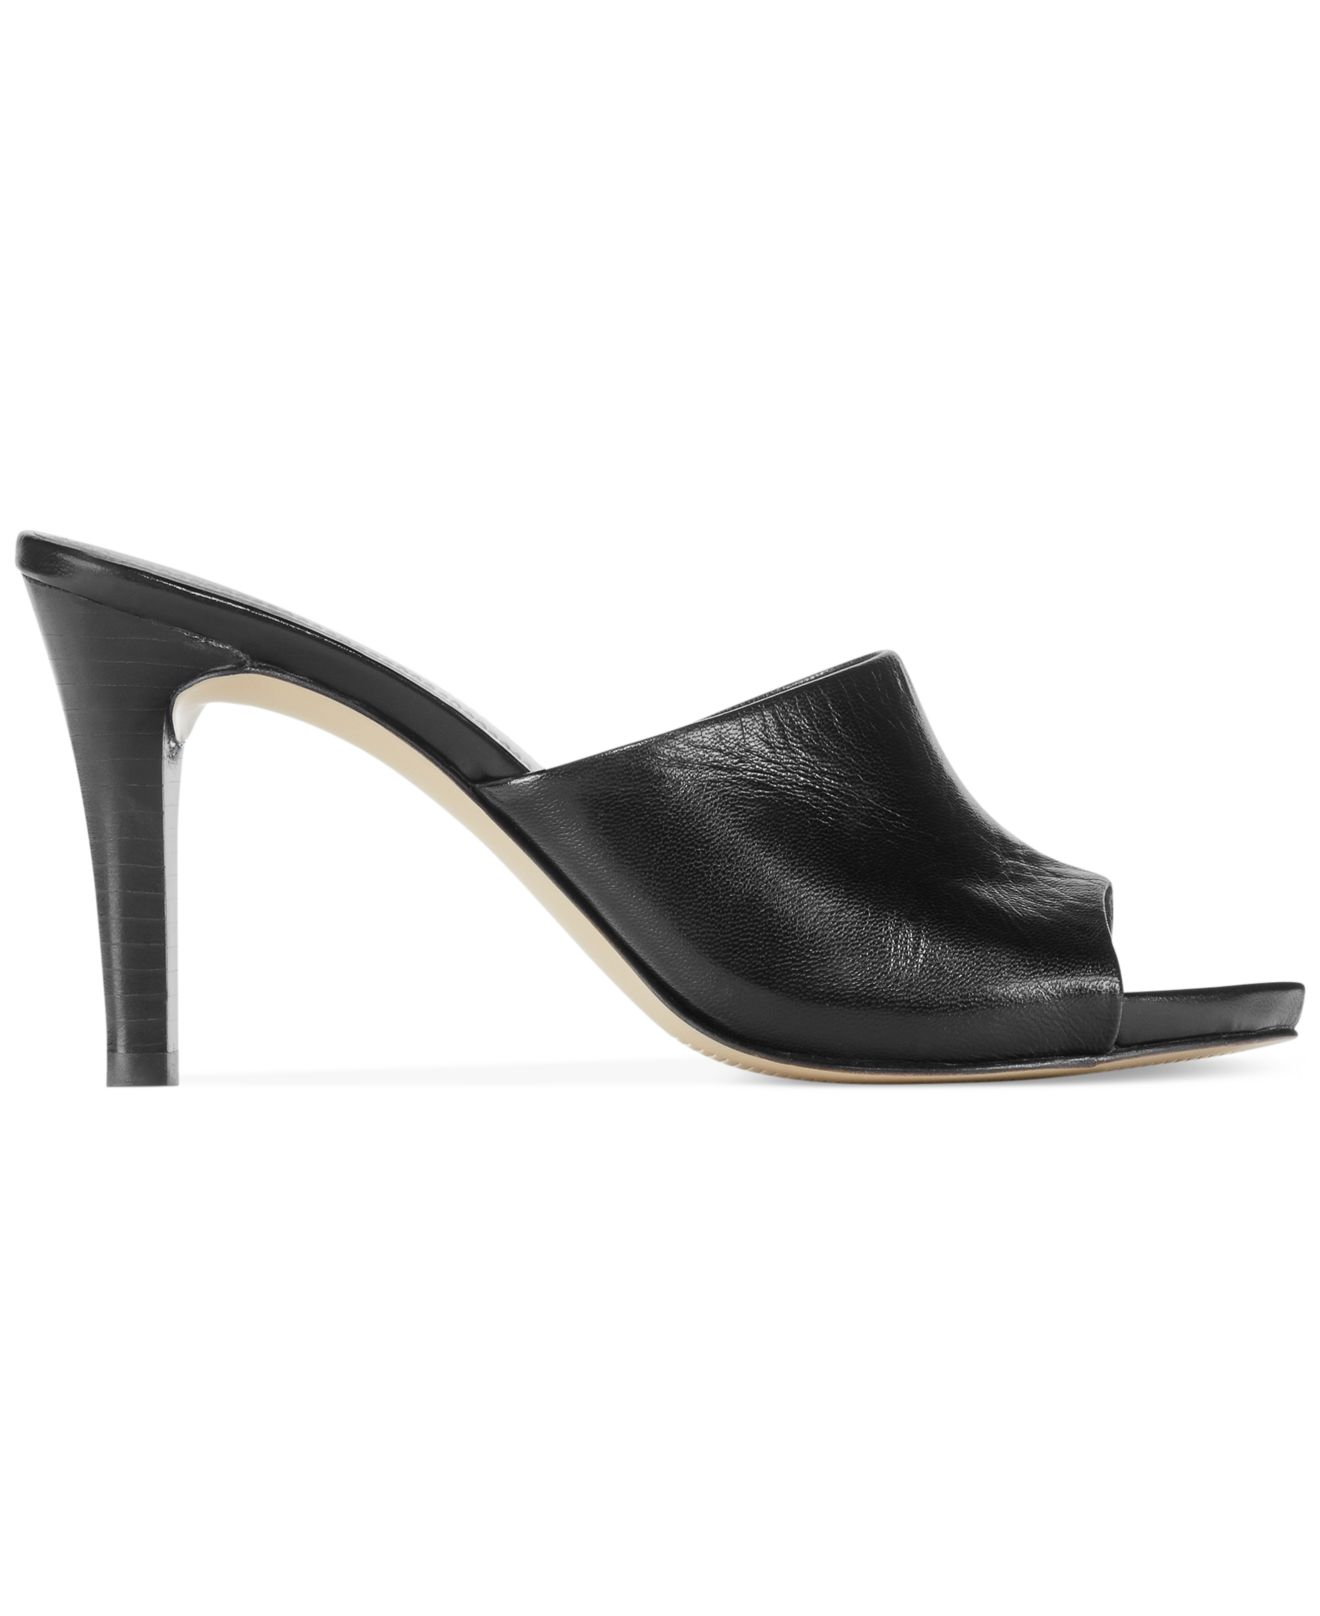 Macy S Mule Shoes